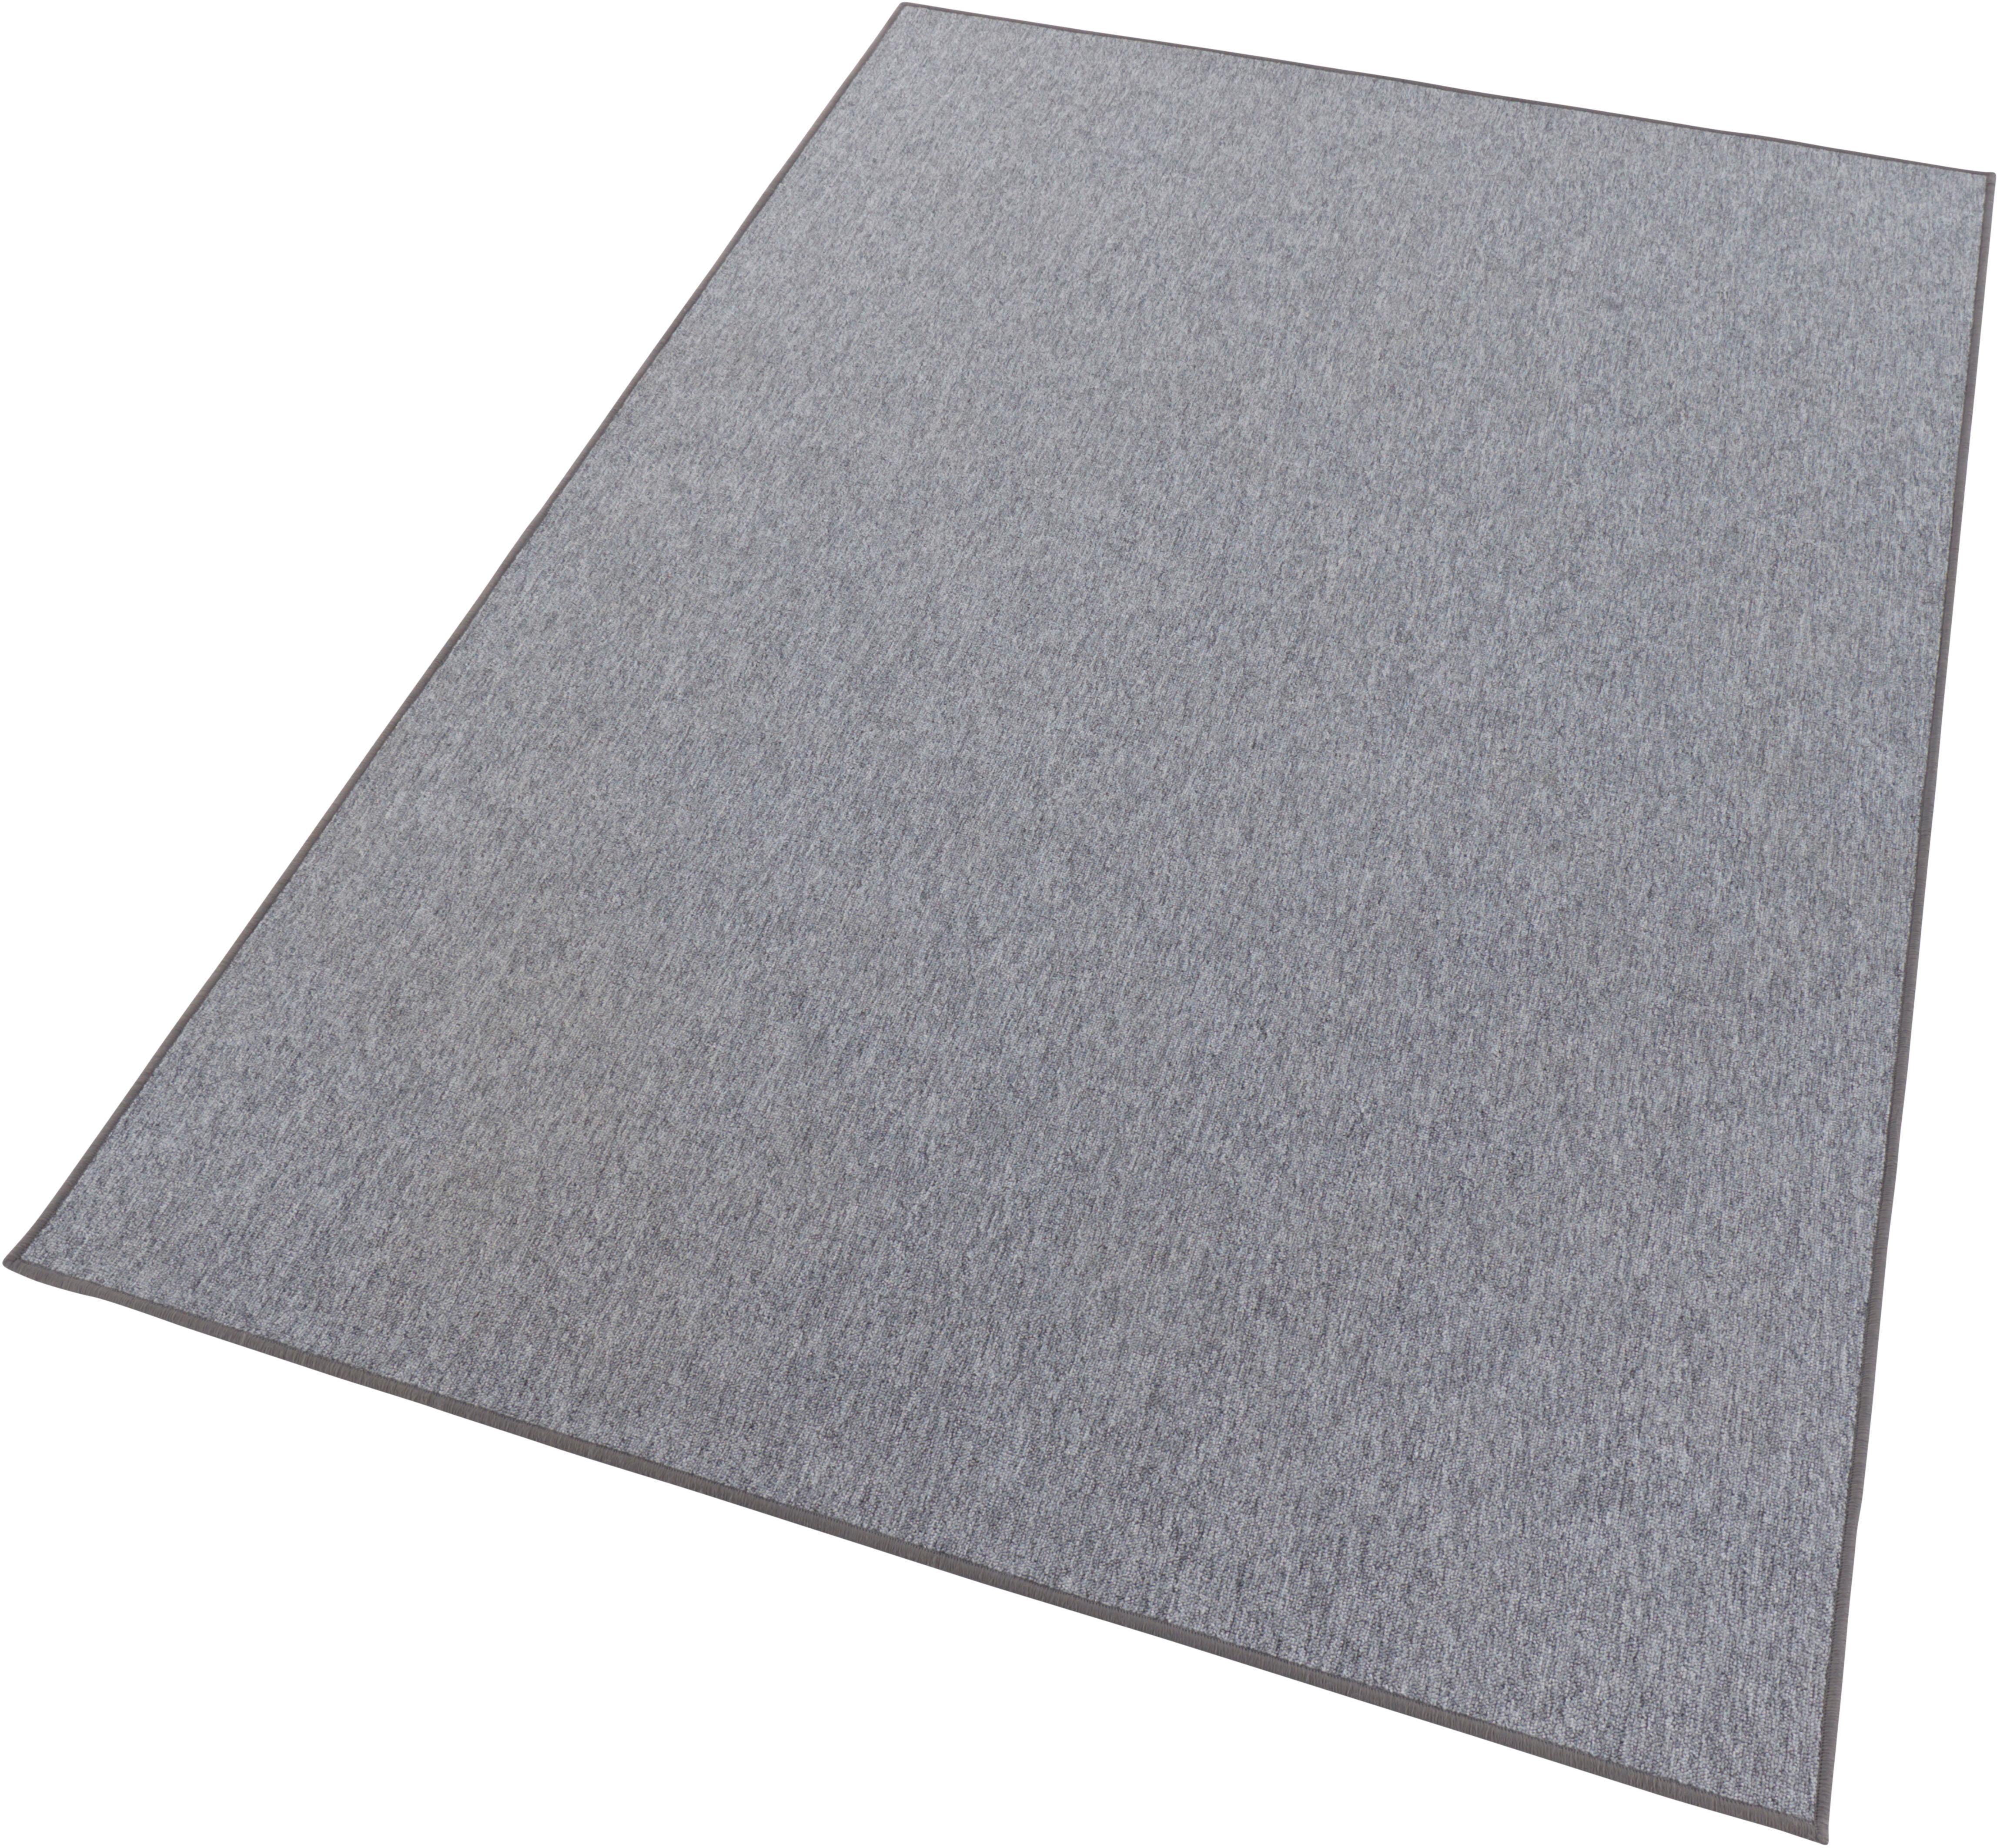 Teppich Casual BT Carpet rechteckig Höhe 4 mm maschinell getuftet